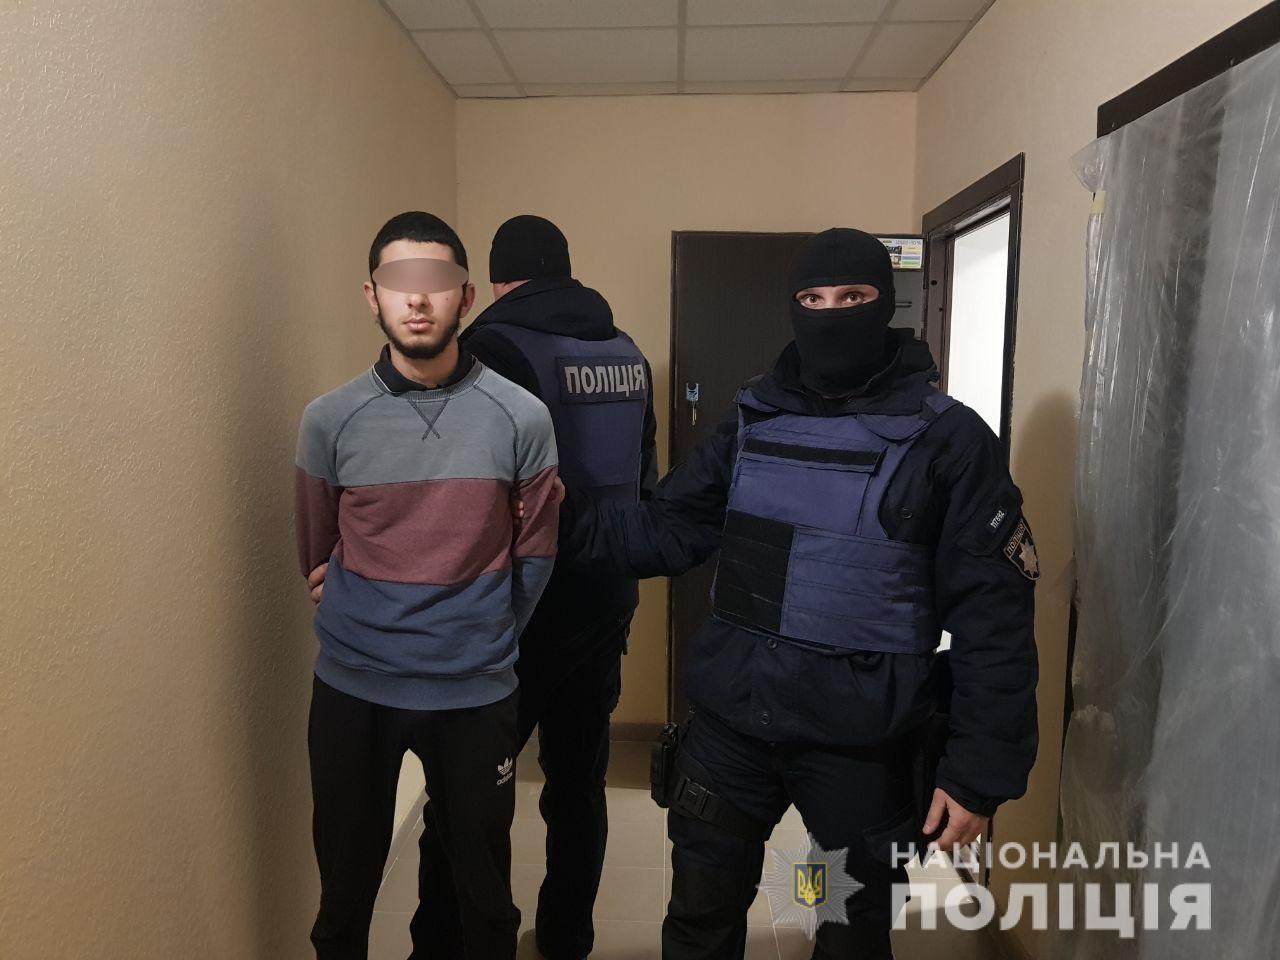 На Киевщине опасный террорист убил пенсионера за 600 гривен